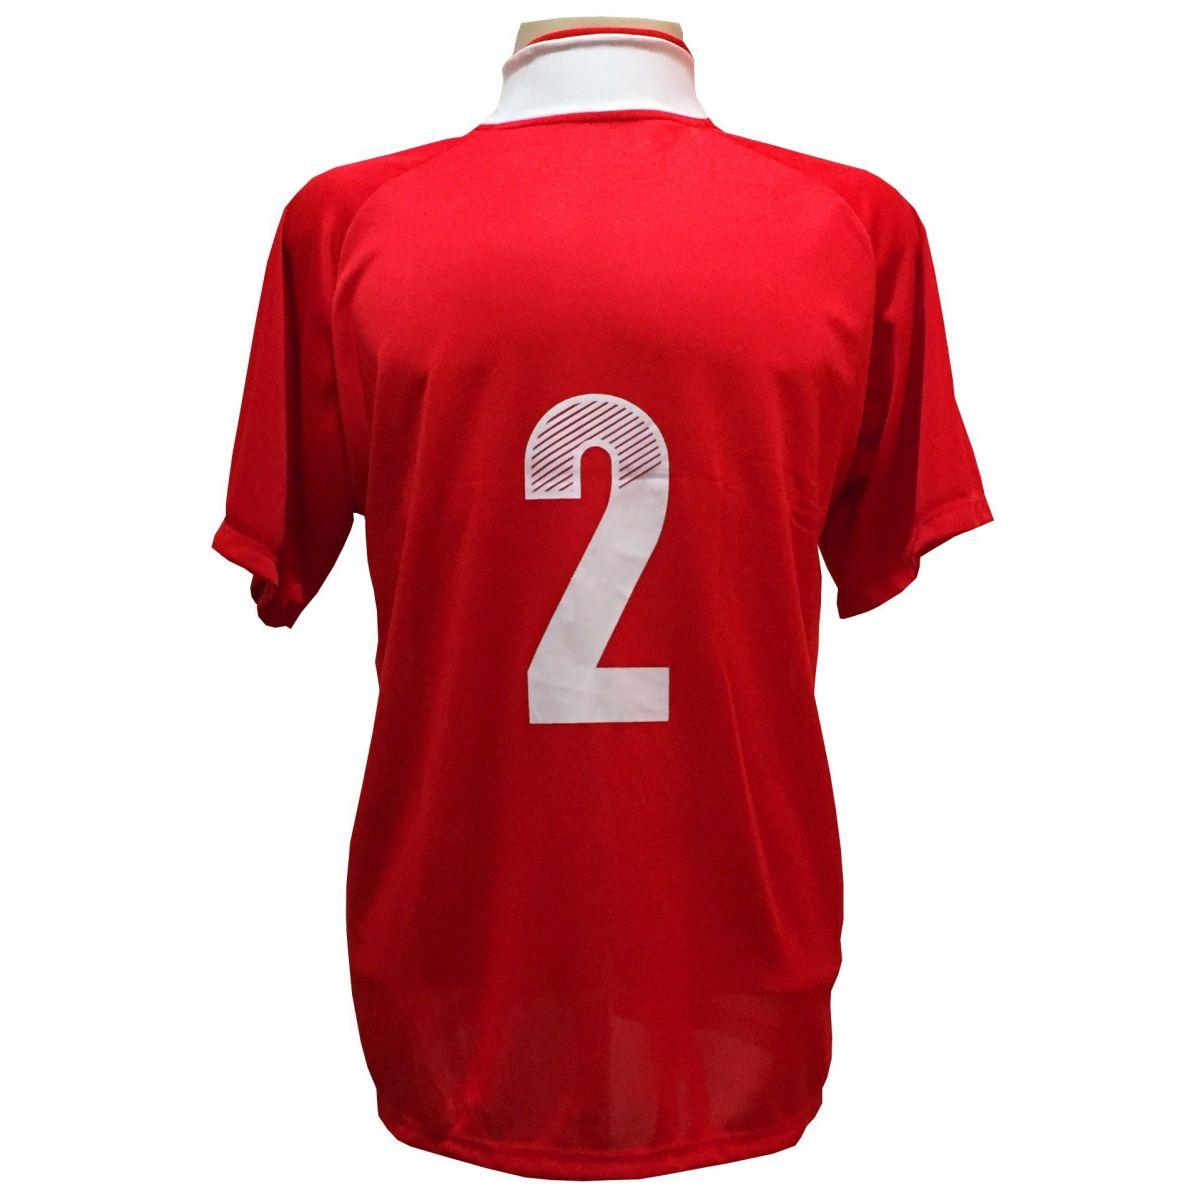 Jogo de Camisa com 12 unidades modelo Milan Vermelho/Branco + Brindes